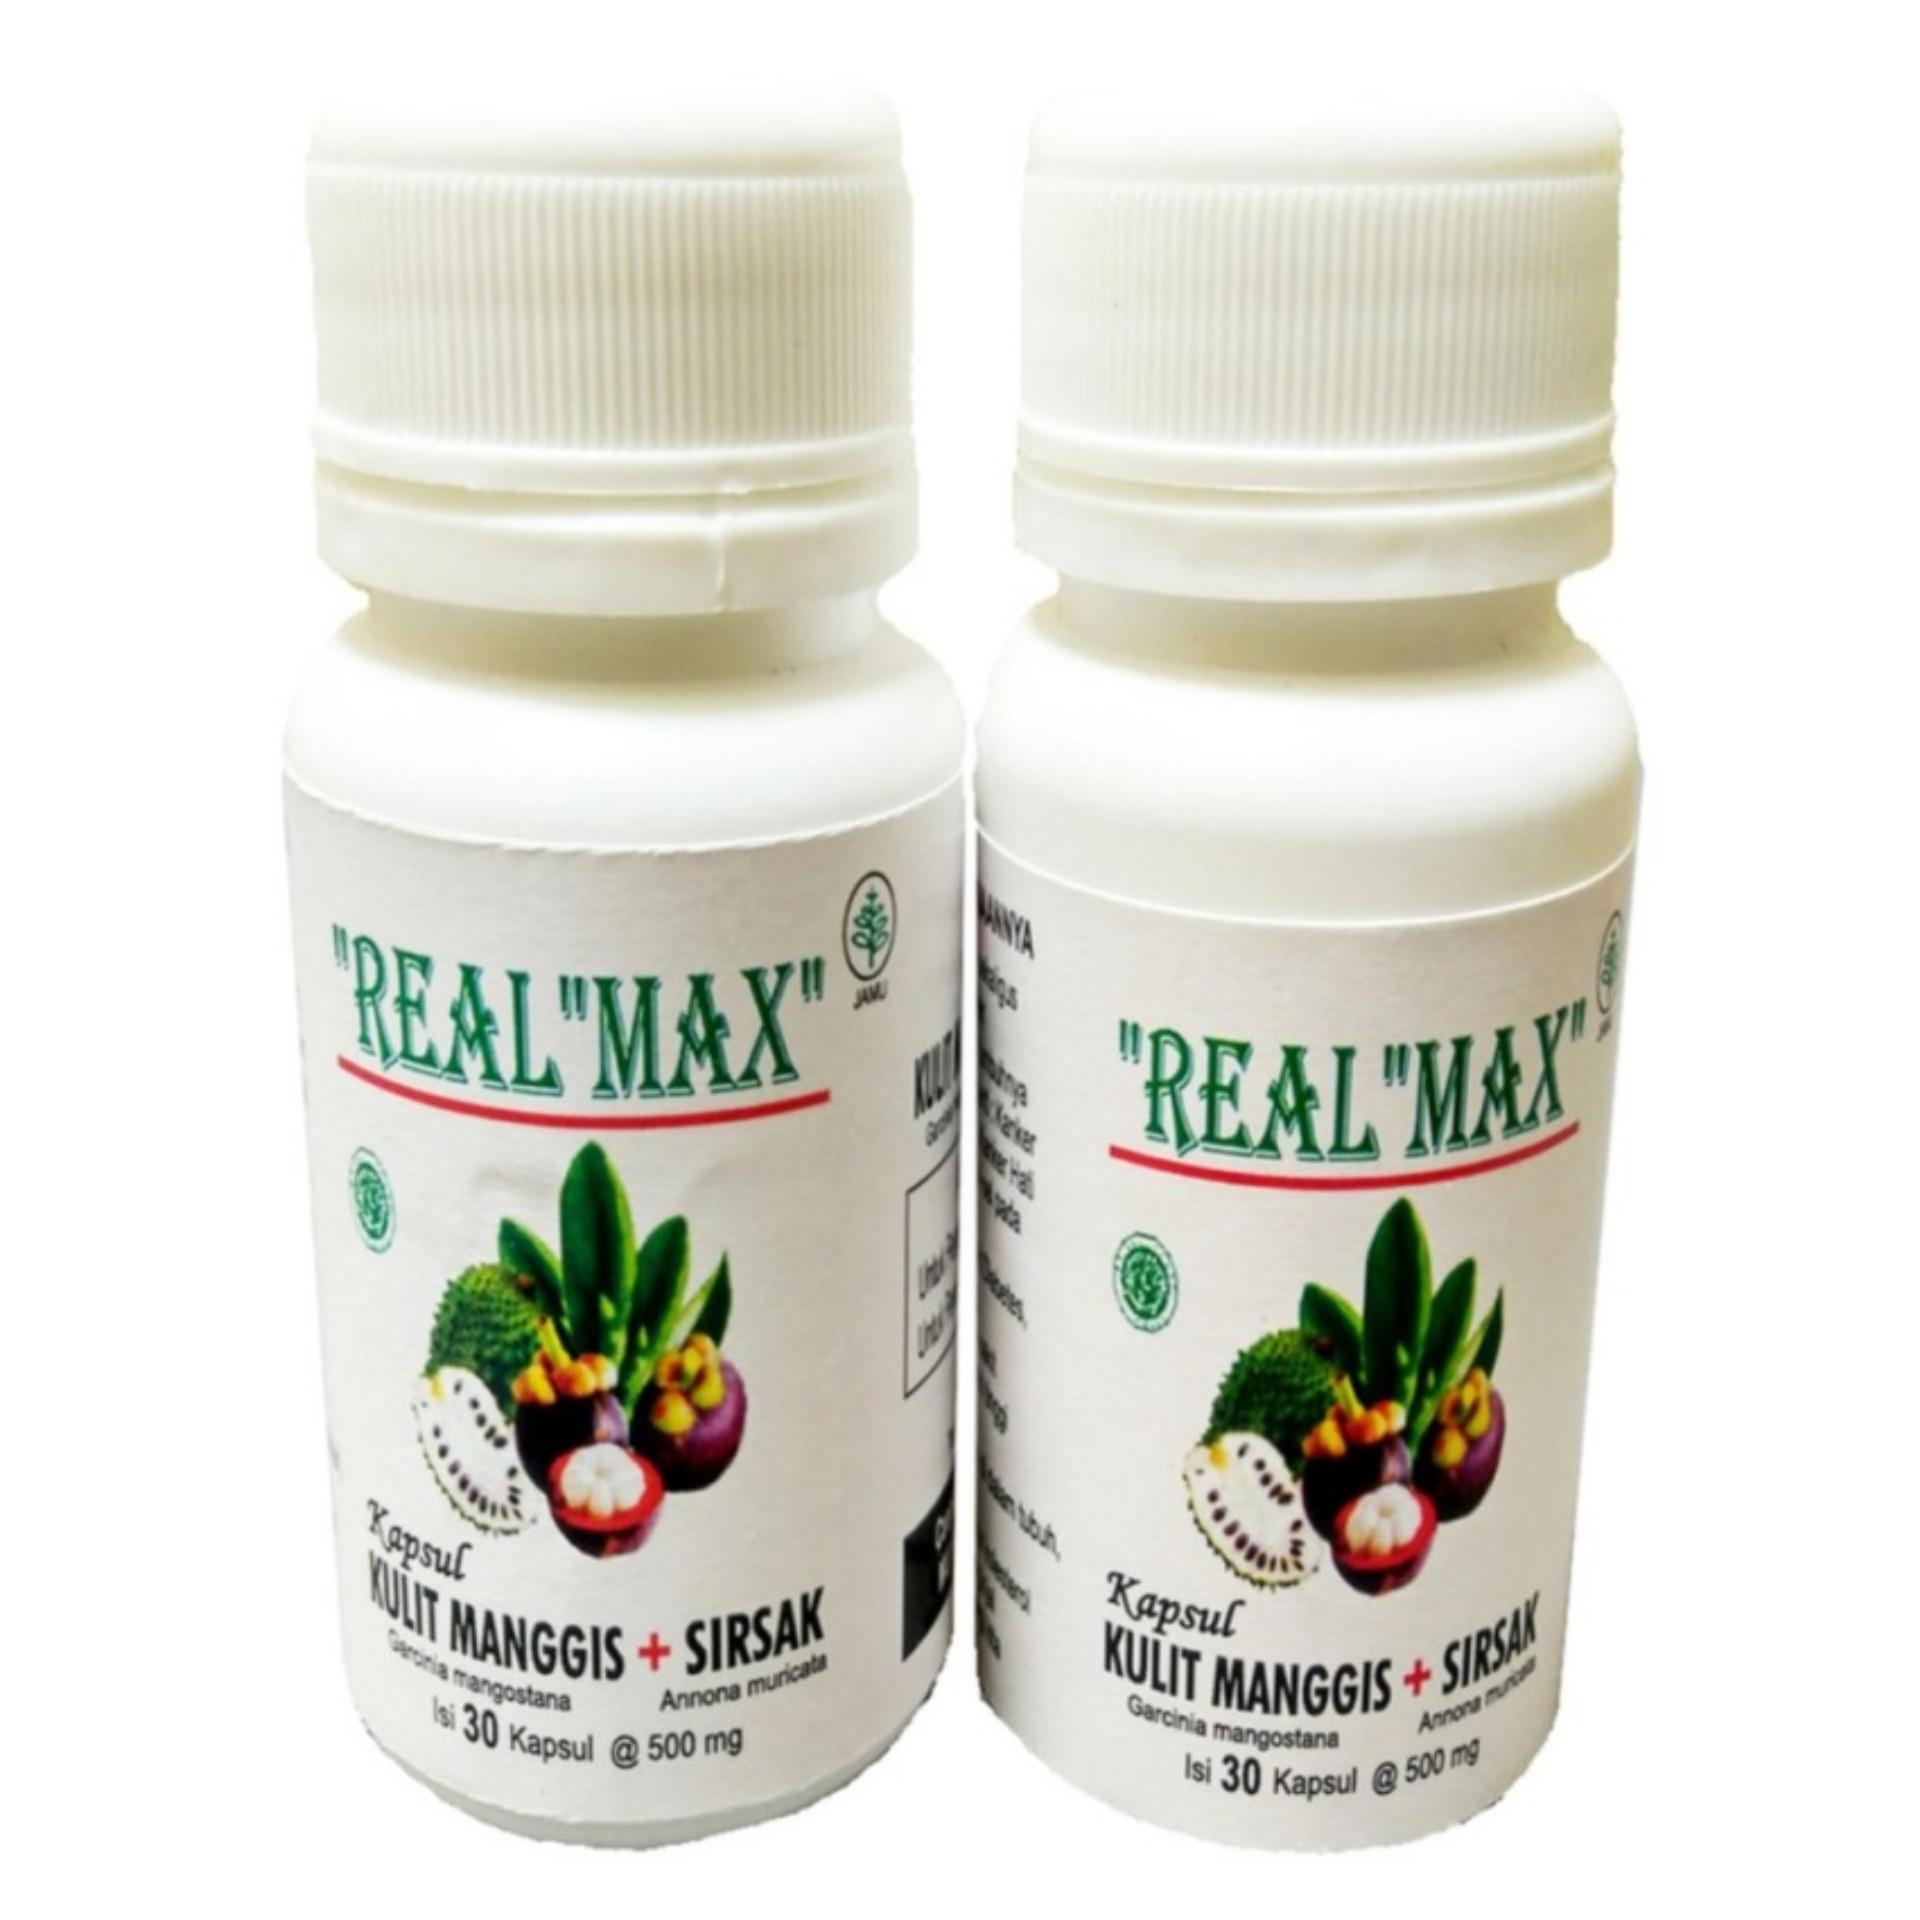 Ace Maxs Penyembuh Anti Kangker Tumor Daftar Harga Terupdate Max Acemax Acemaxs Esmex Esmeks Jus Kulit Manggis Daun Sirsak Antioksidan Obat Herbal Dan Daunsirsak Kanker 30 Kapsul